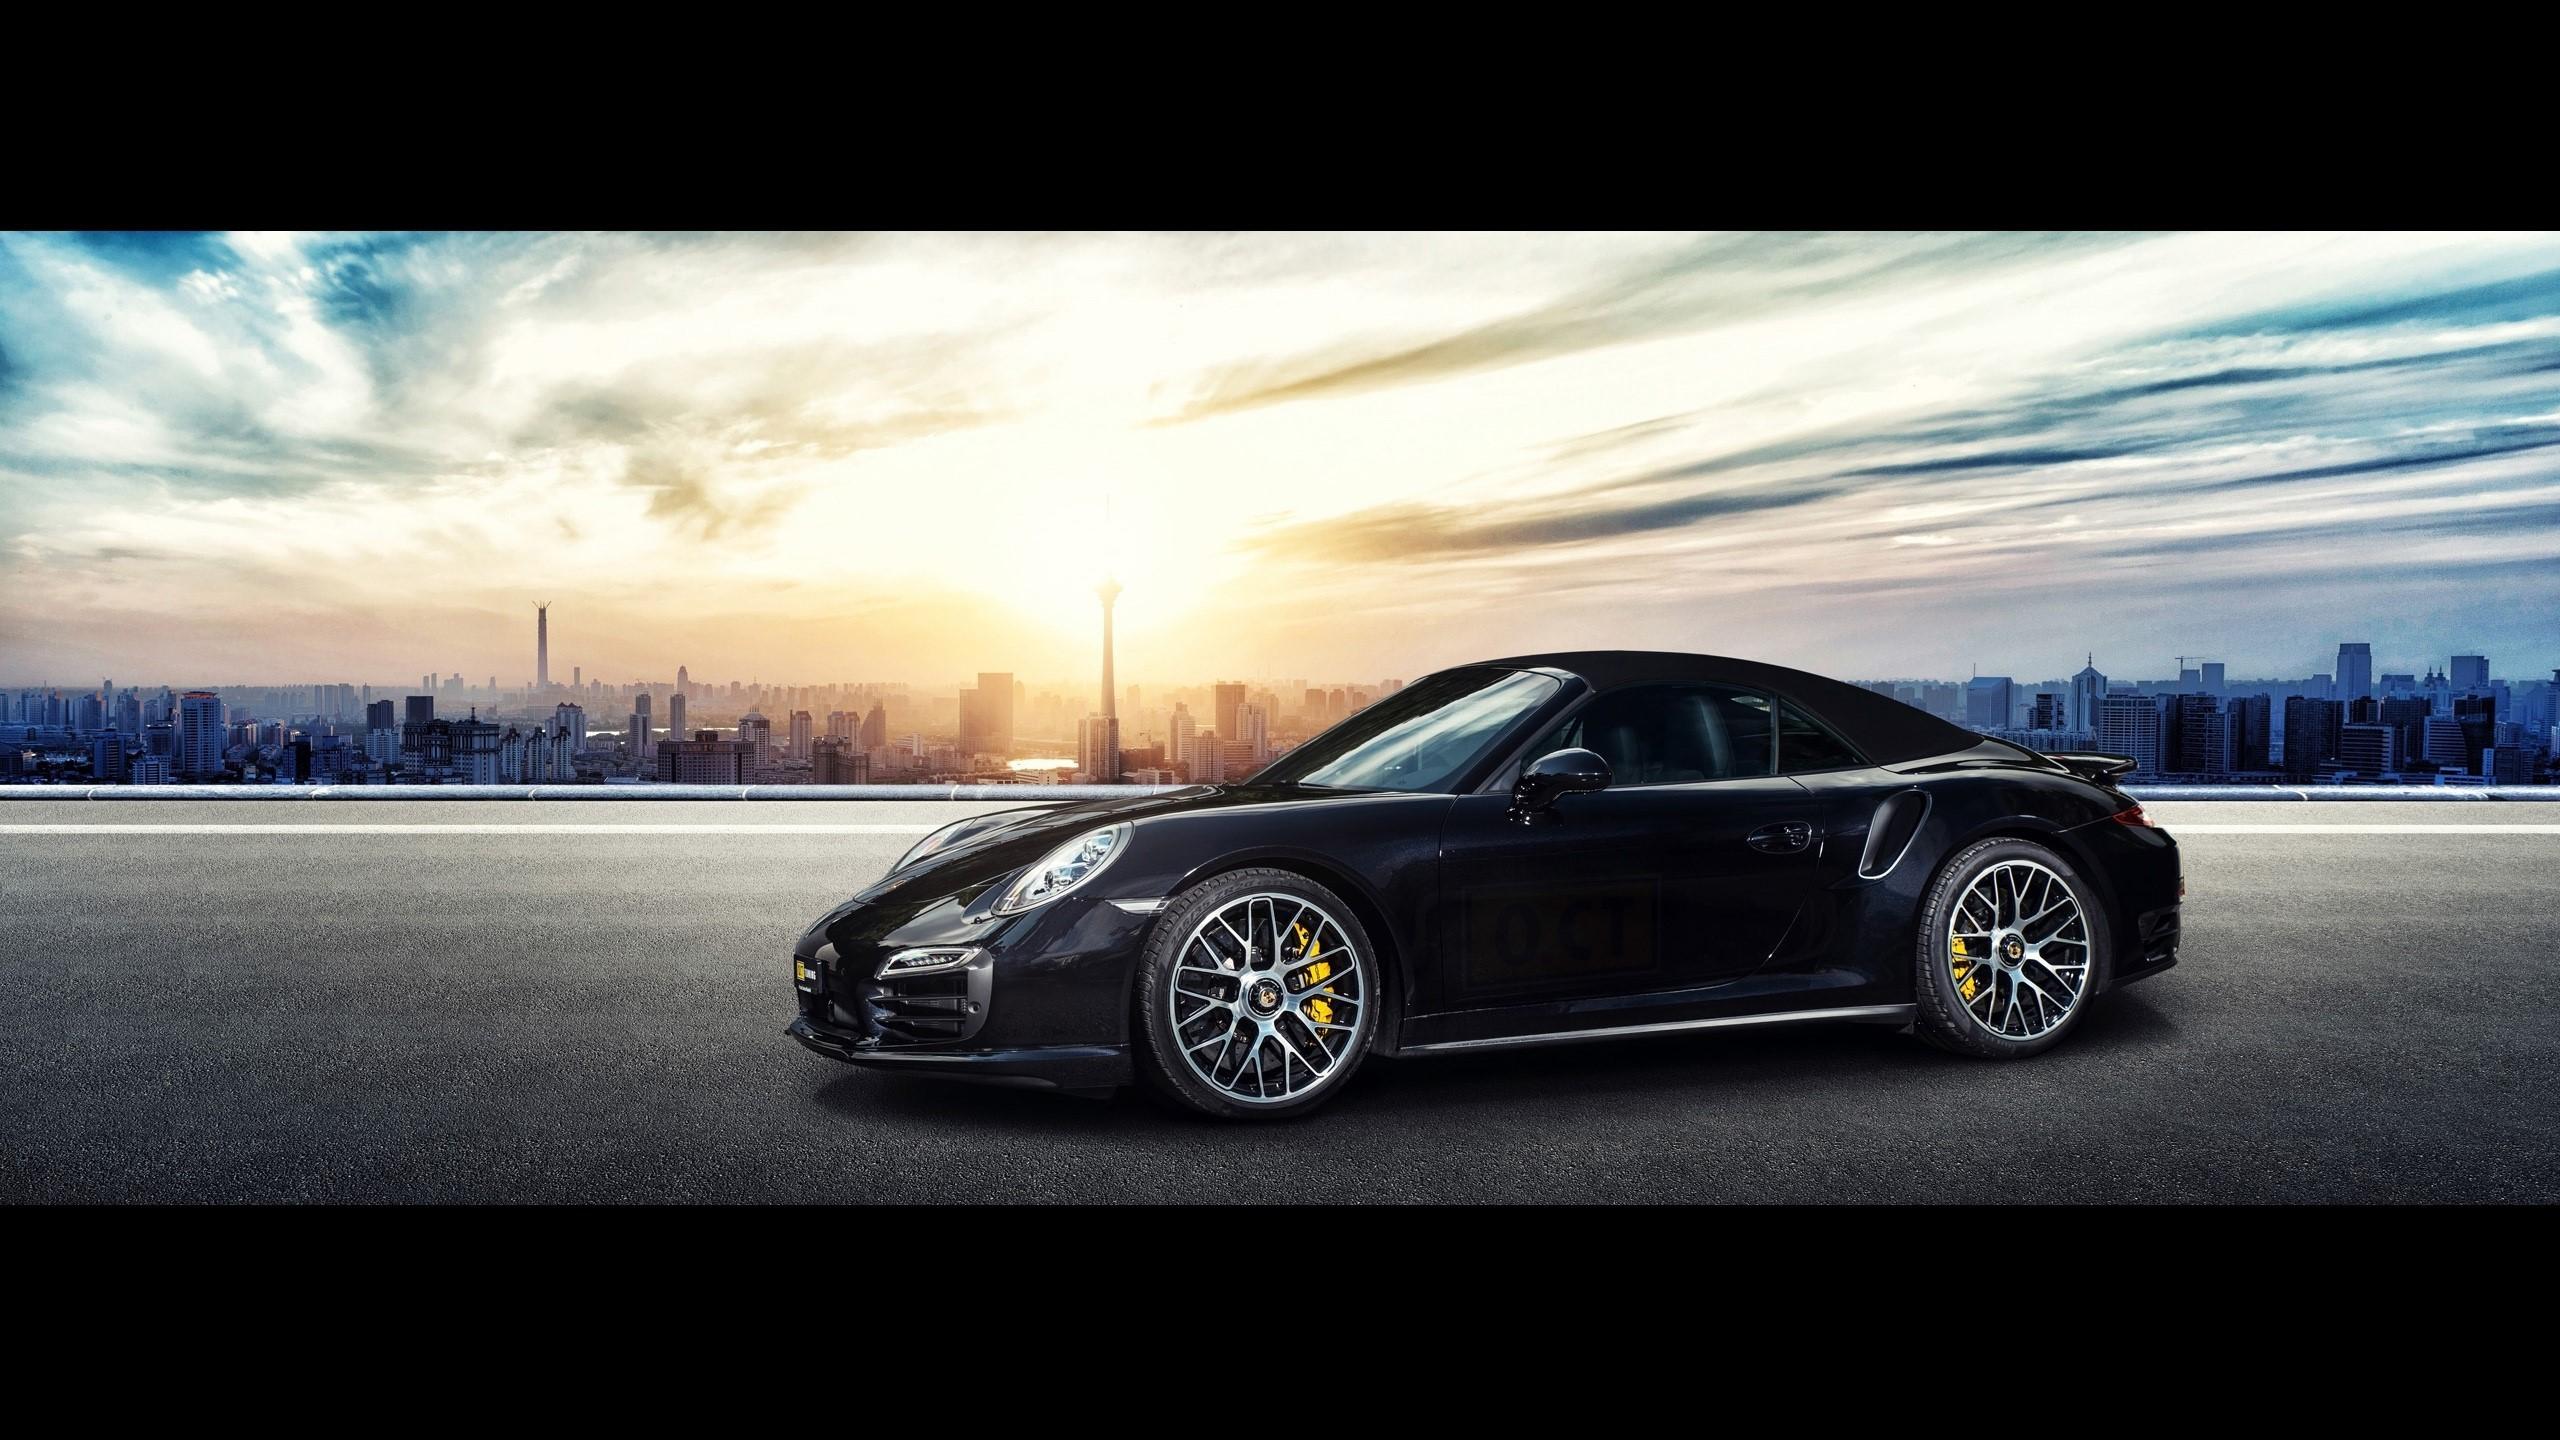 Porsche 911 Turbo 4K Wallpapers